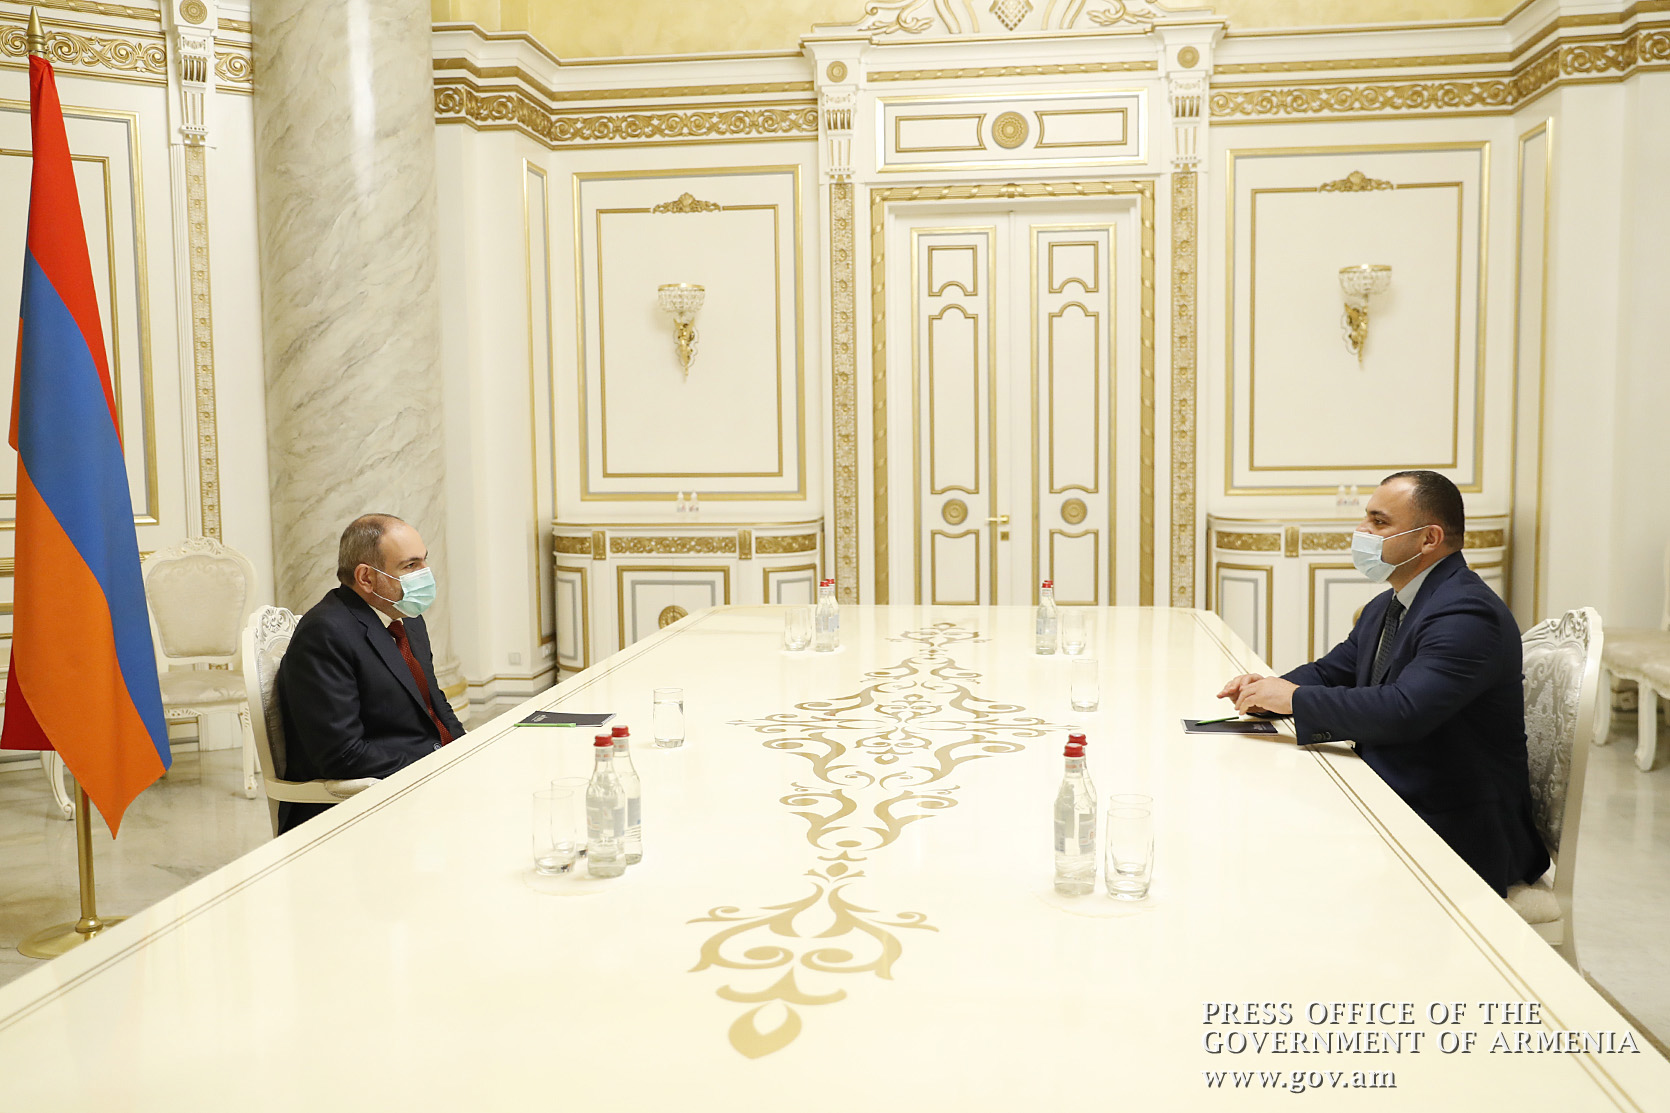 Photo of Վարչապետը հանդիպում է ունեցել ՍԴ նորընտիր նախագահի հետ